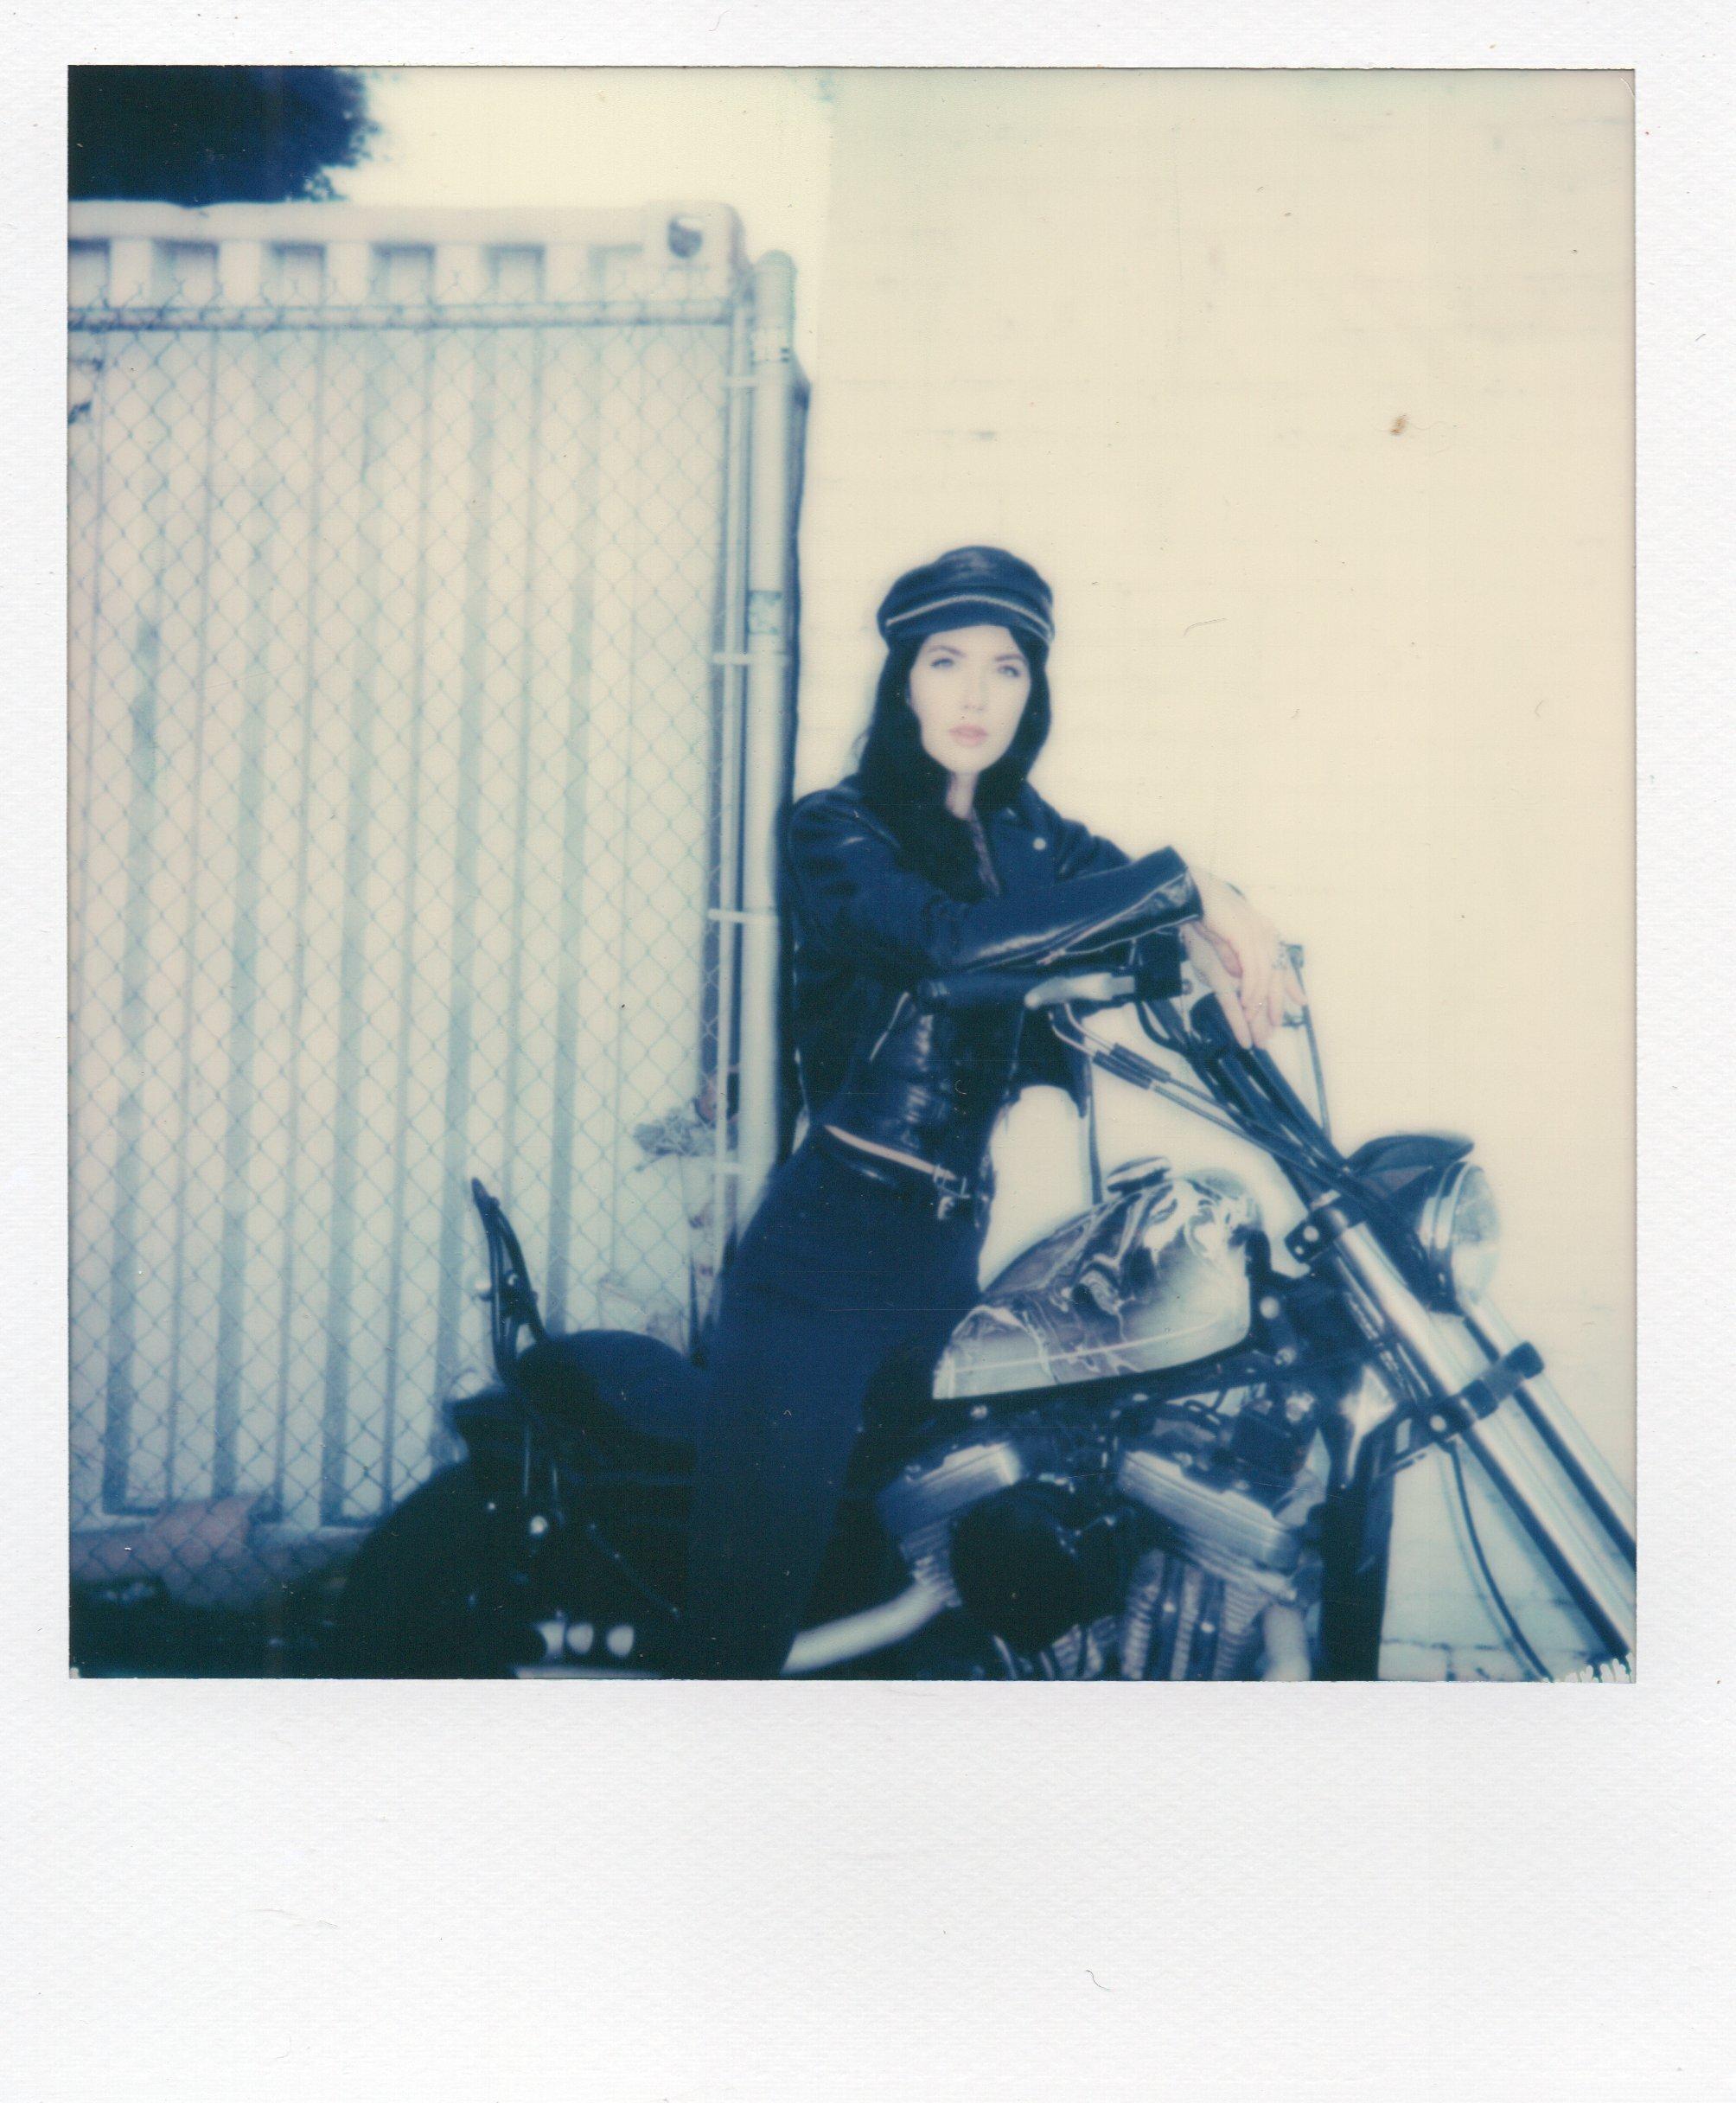 Grant-Polaroids0016.jpg